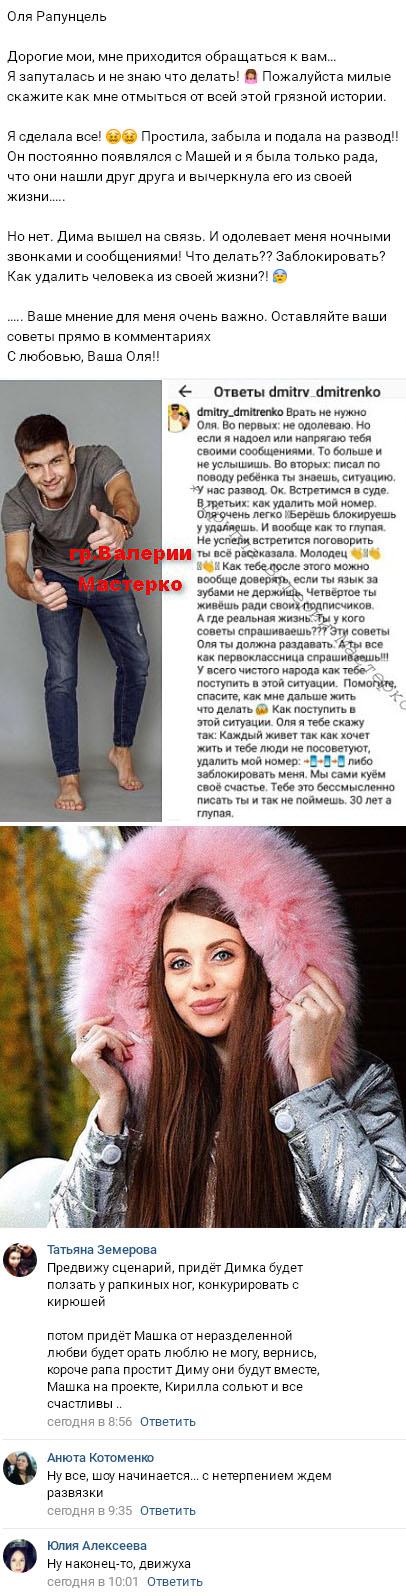 Ольга Рапунцель растерялась от ночного поведения Дмитрия Дмитренко